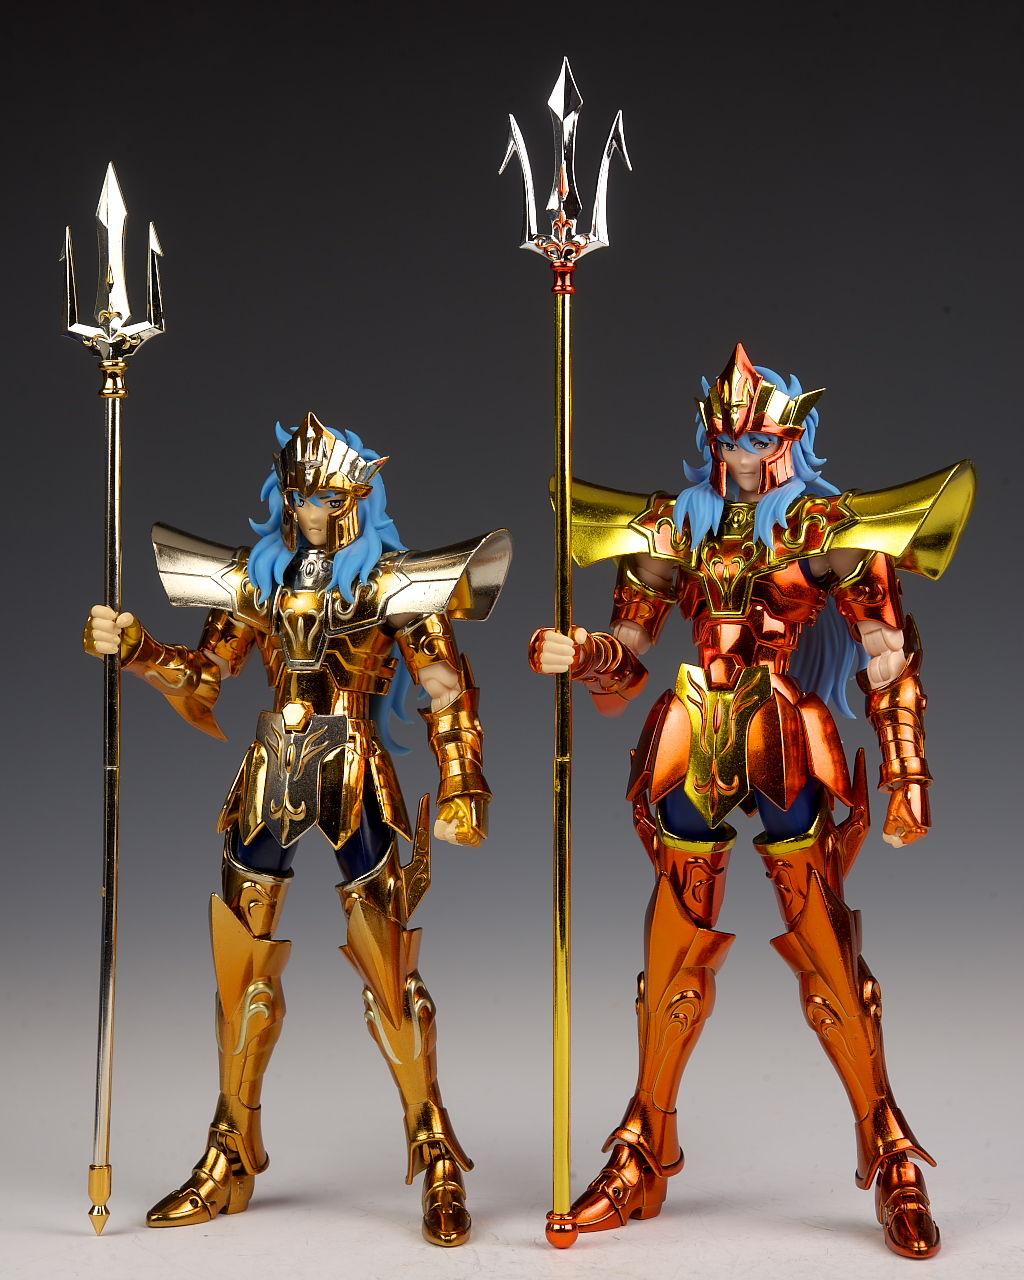 [Comentários] Saint Cloth Myth EX - Poseidon EX & Poseidon EX Imperial Throne Set - Página 2 IrRbnMQM_o